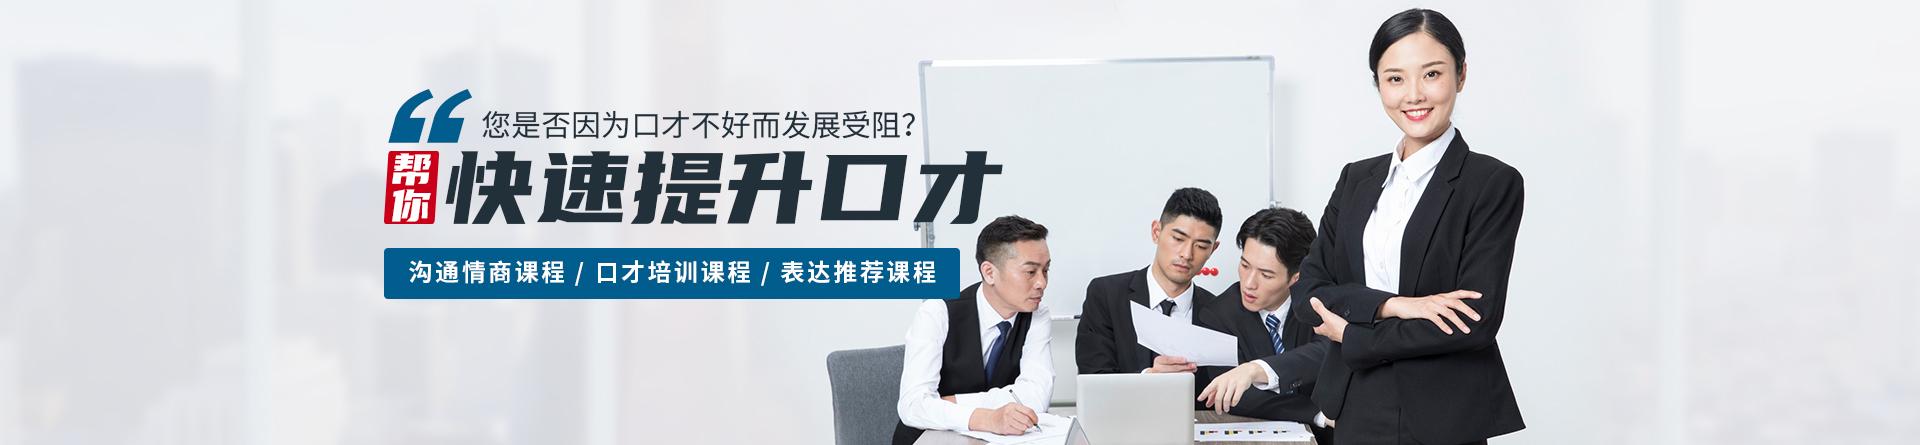 天津新励成口才培训